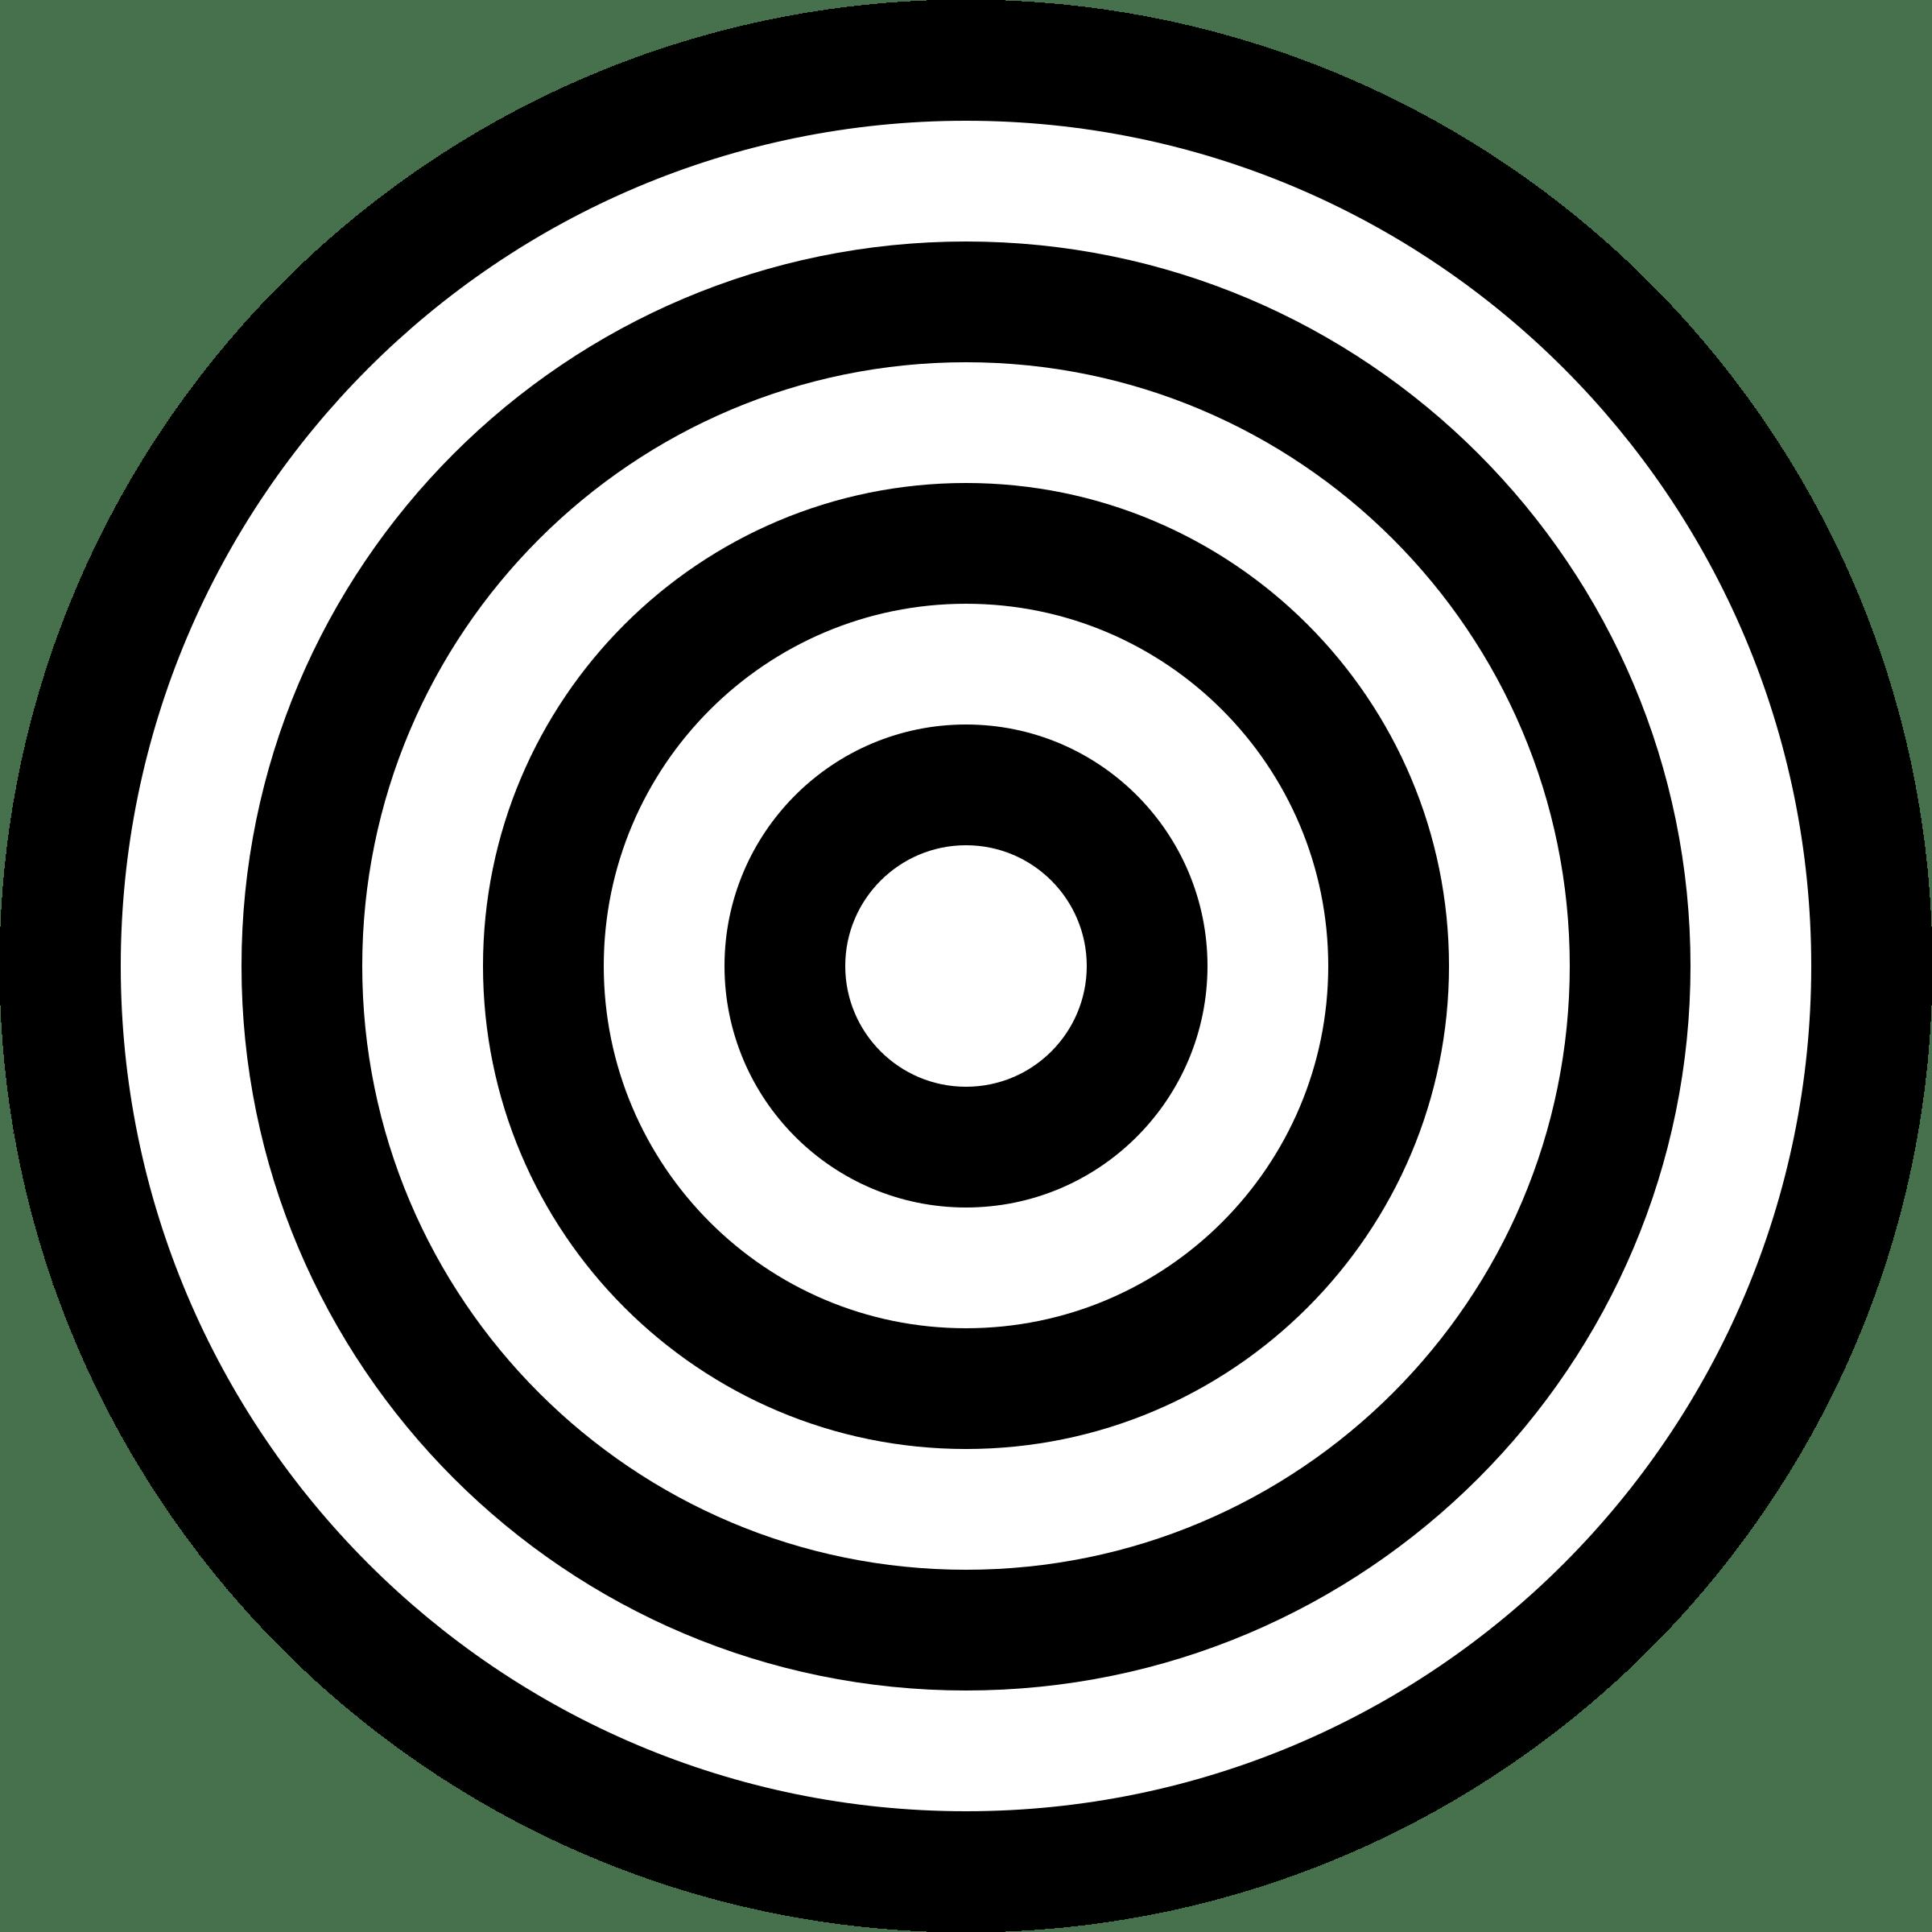 Target PNG - Target PNG